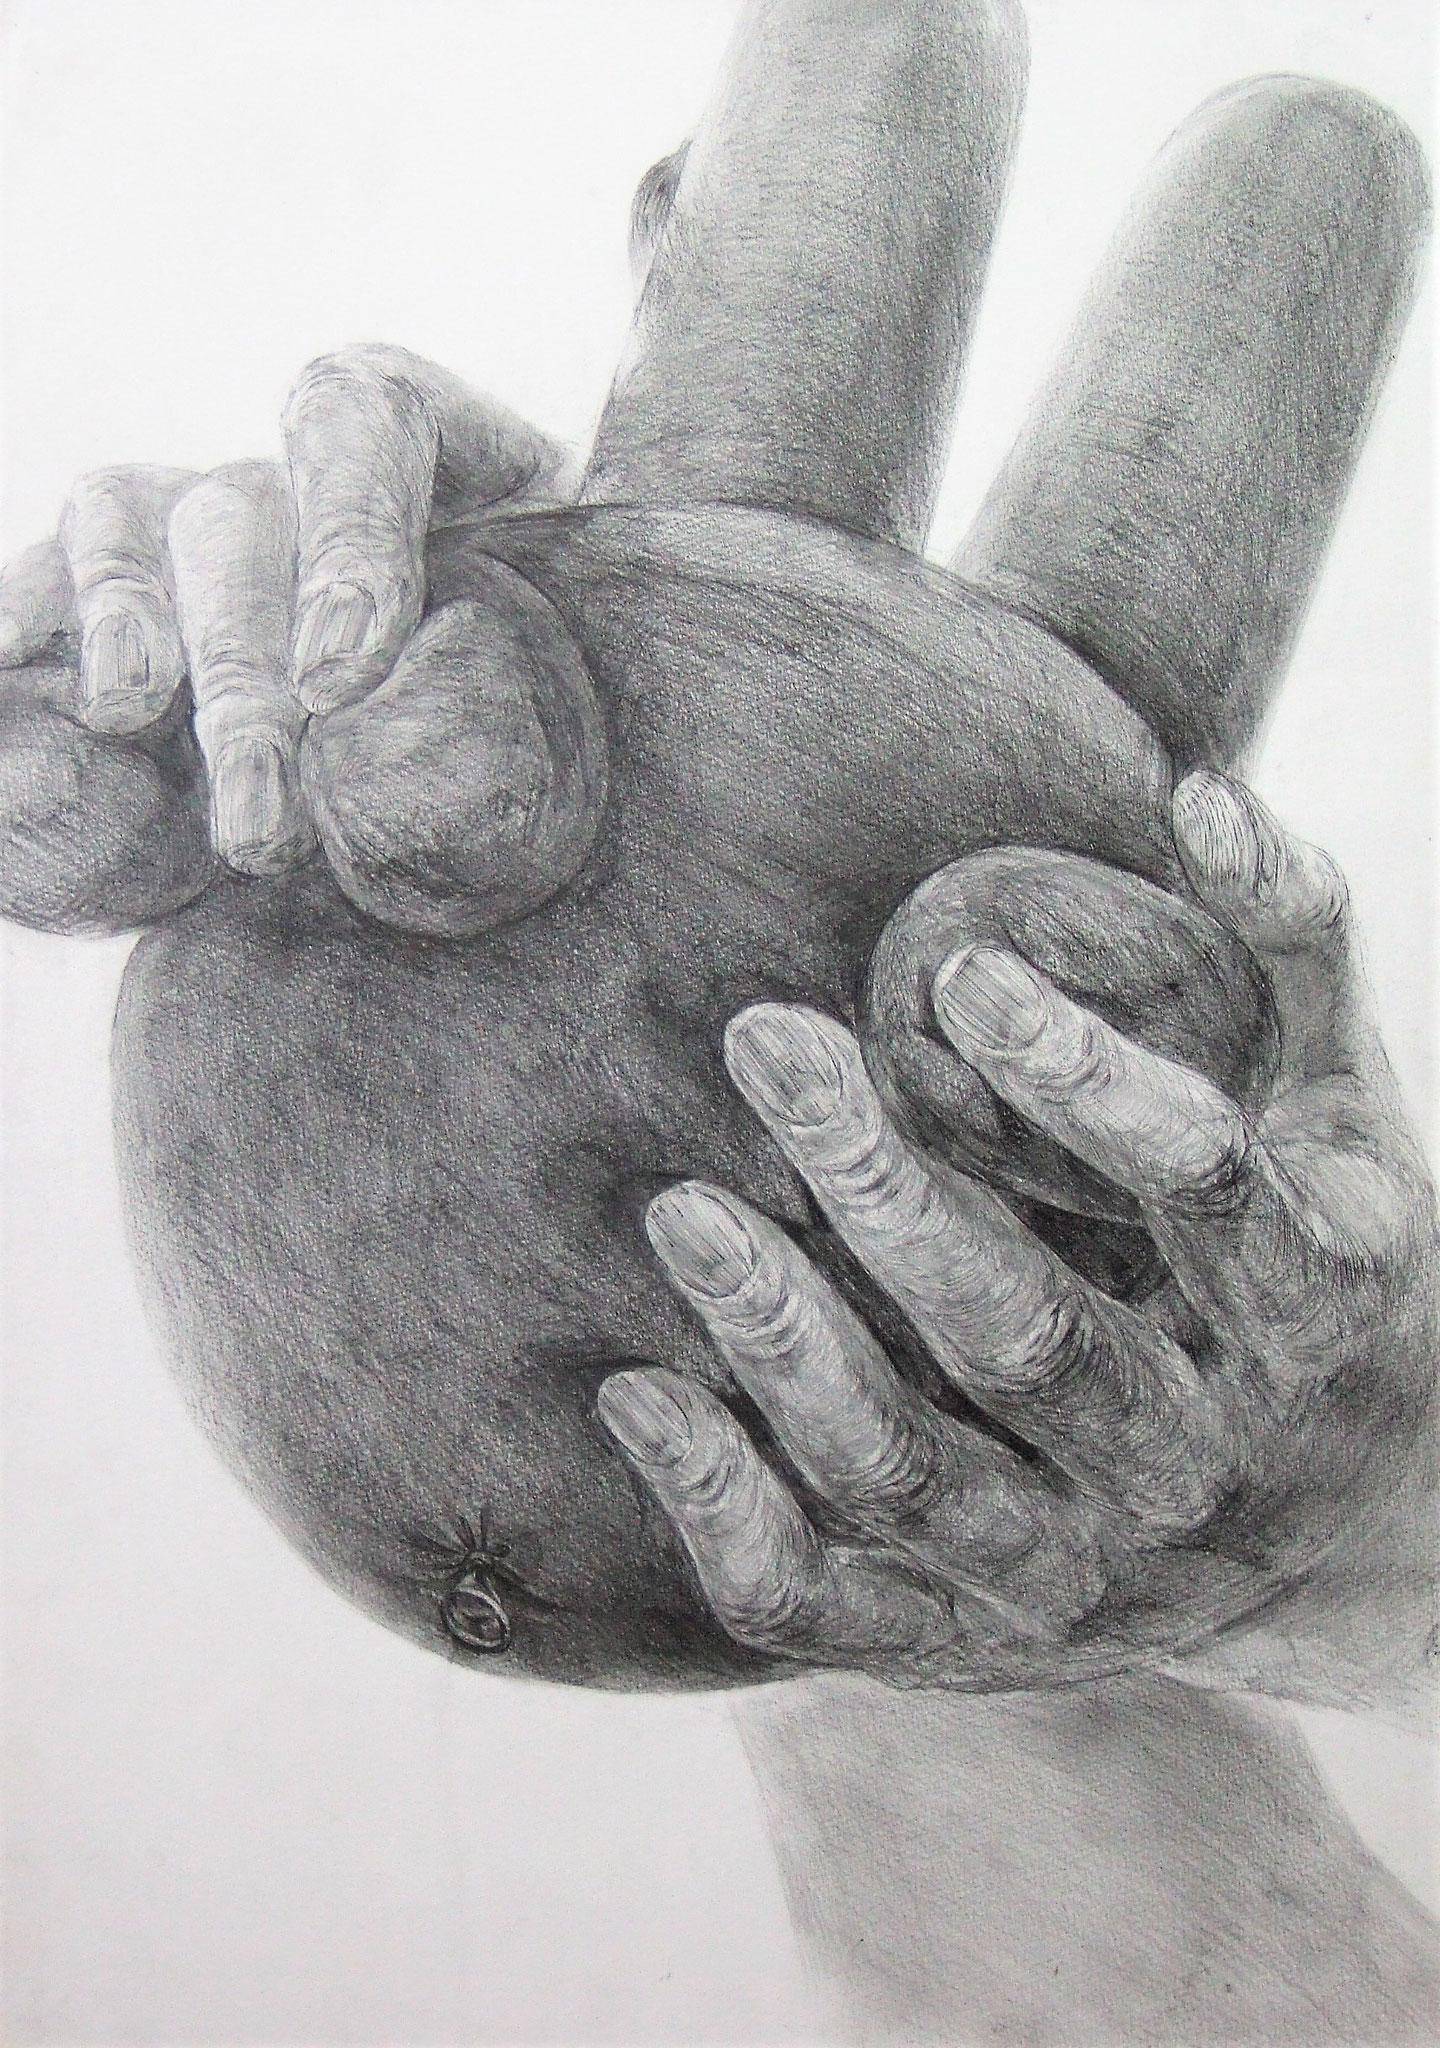 生徒作品52 鉛筆デッサン<自分の両手と想定デッサン> B3判 M画用紙 【デザイン系】